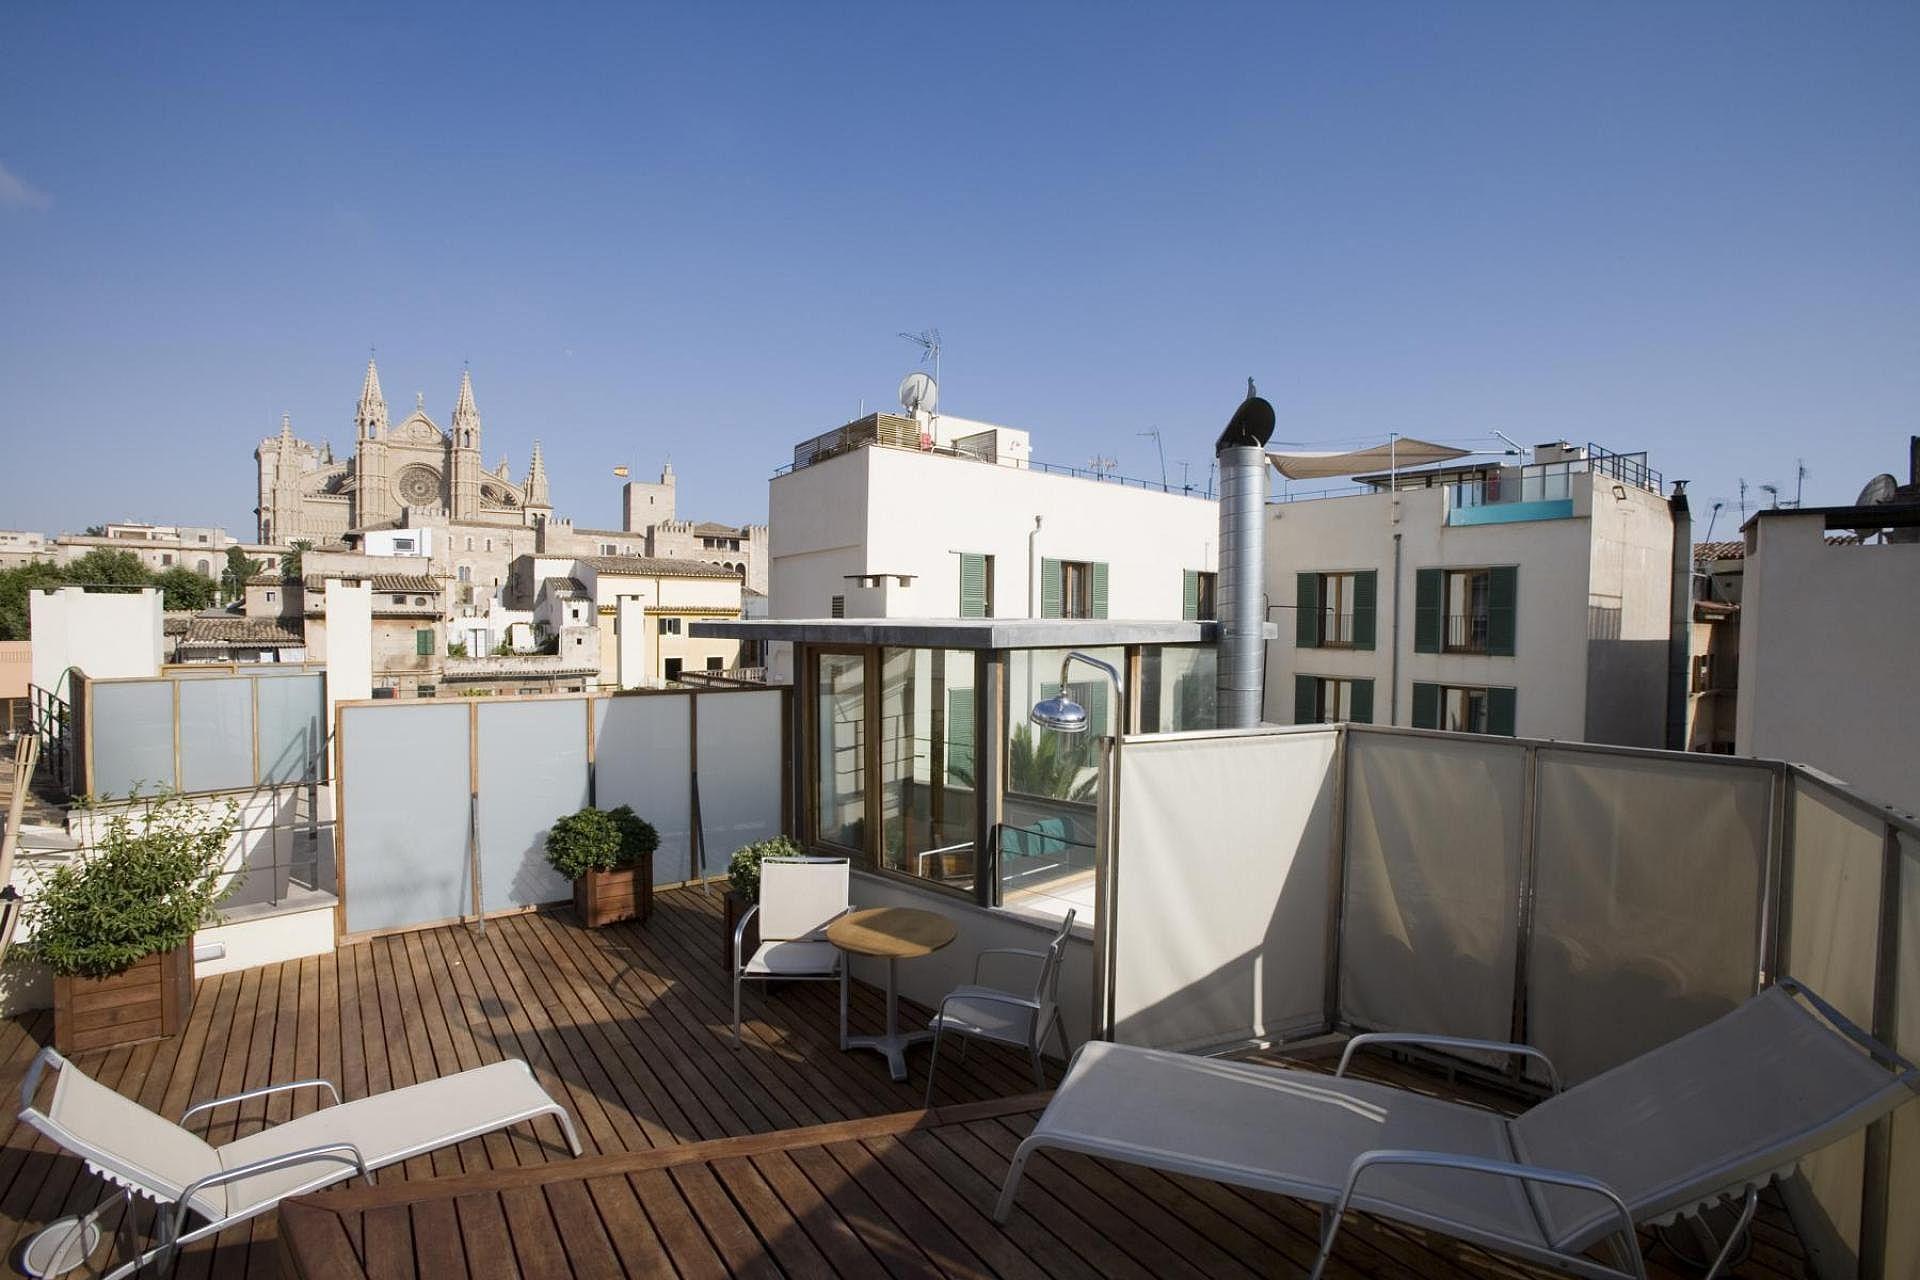 Hotel tres mallorca online zum bestpreis buchen for Designhotel spanien